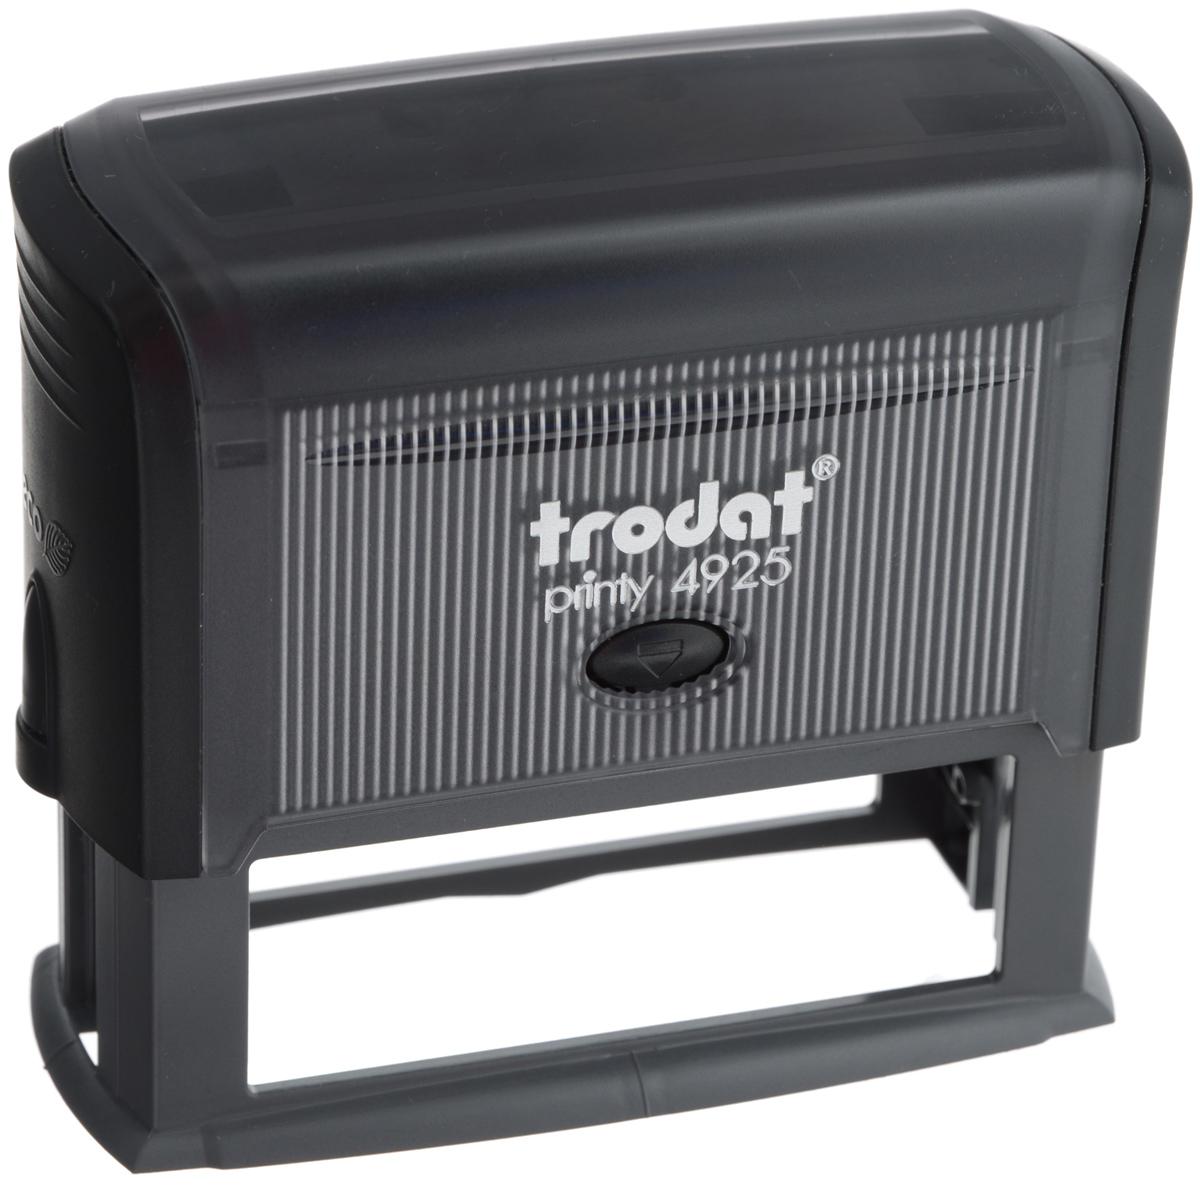 Trodat Оснастка для штампа 82 х 25 мм4925Оснастка для штампа Trodat будет незаменима в отделе кадров или в бухгалтерии любой компании. Прочный пластиковый корпус с автоматическим окрашиванием гарантирует долговечное бесперебойное использование. Модель отличается высочайшим удобством в использовании и оптимально ложится в руку. Оттиск проставляется практически бесшумно, легким нажатием руки. Улучшенная конструкция и видимая площадь печати гарантируют качество и точность оттиска. Текстовые пластины прямоугольной формы 82 мм х 25 мм подойдут для изготовления клише по индивидуальному заказу. Оснастка для штампа Trodat идеальна для ежедневного использования в офисе.